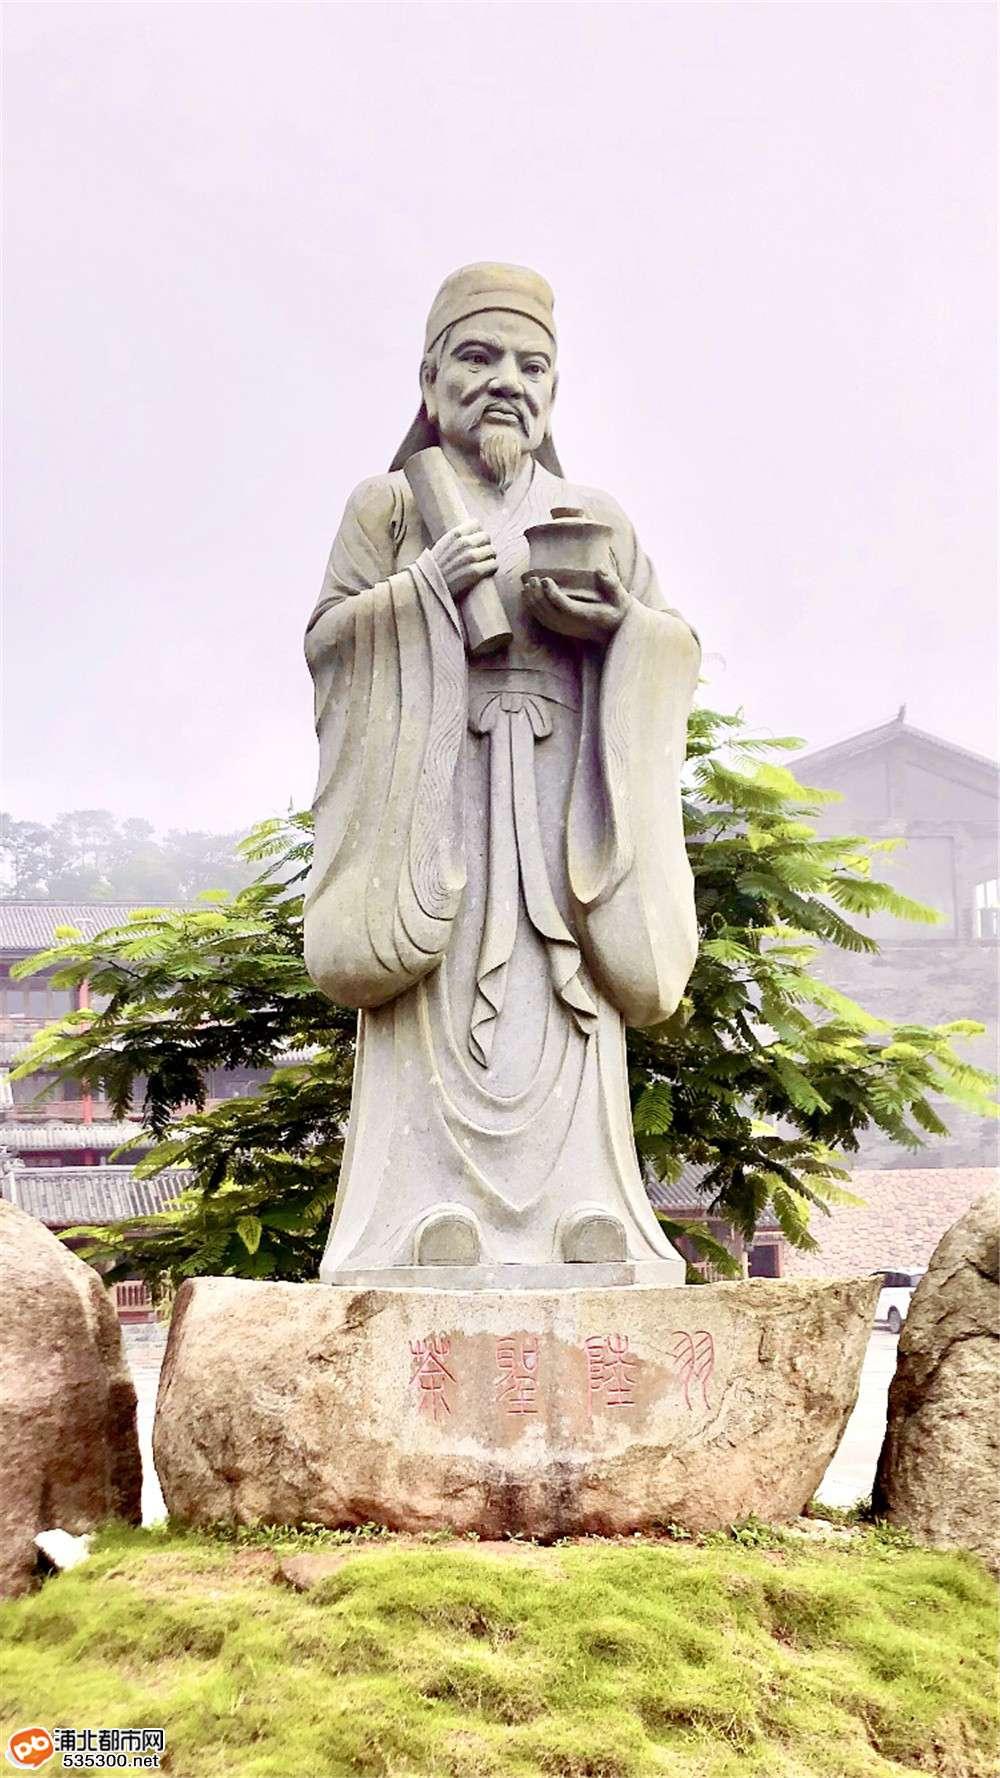 石祖禅茶园:毕业旅行,最美穷游胜地